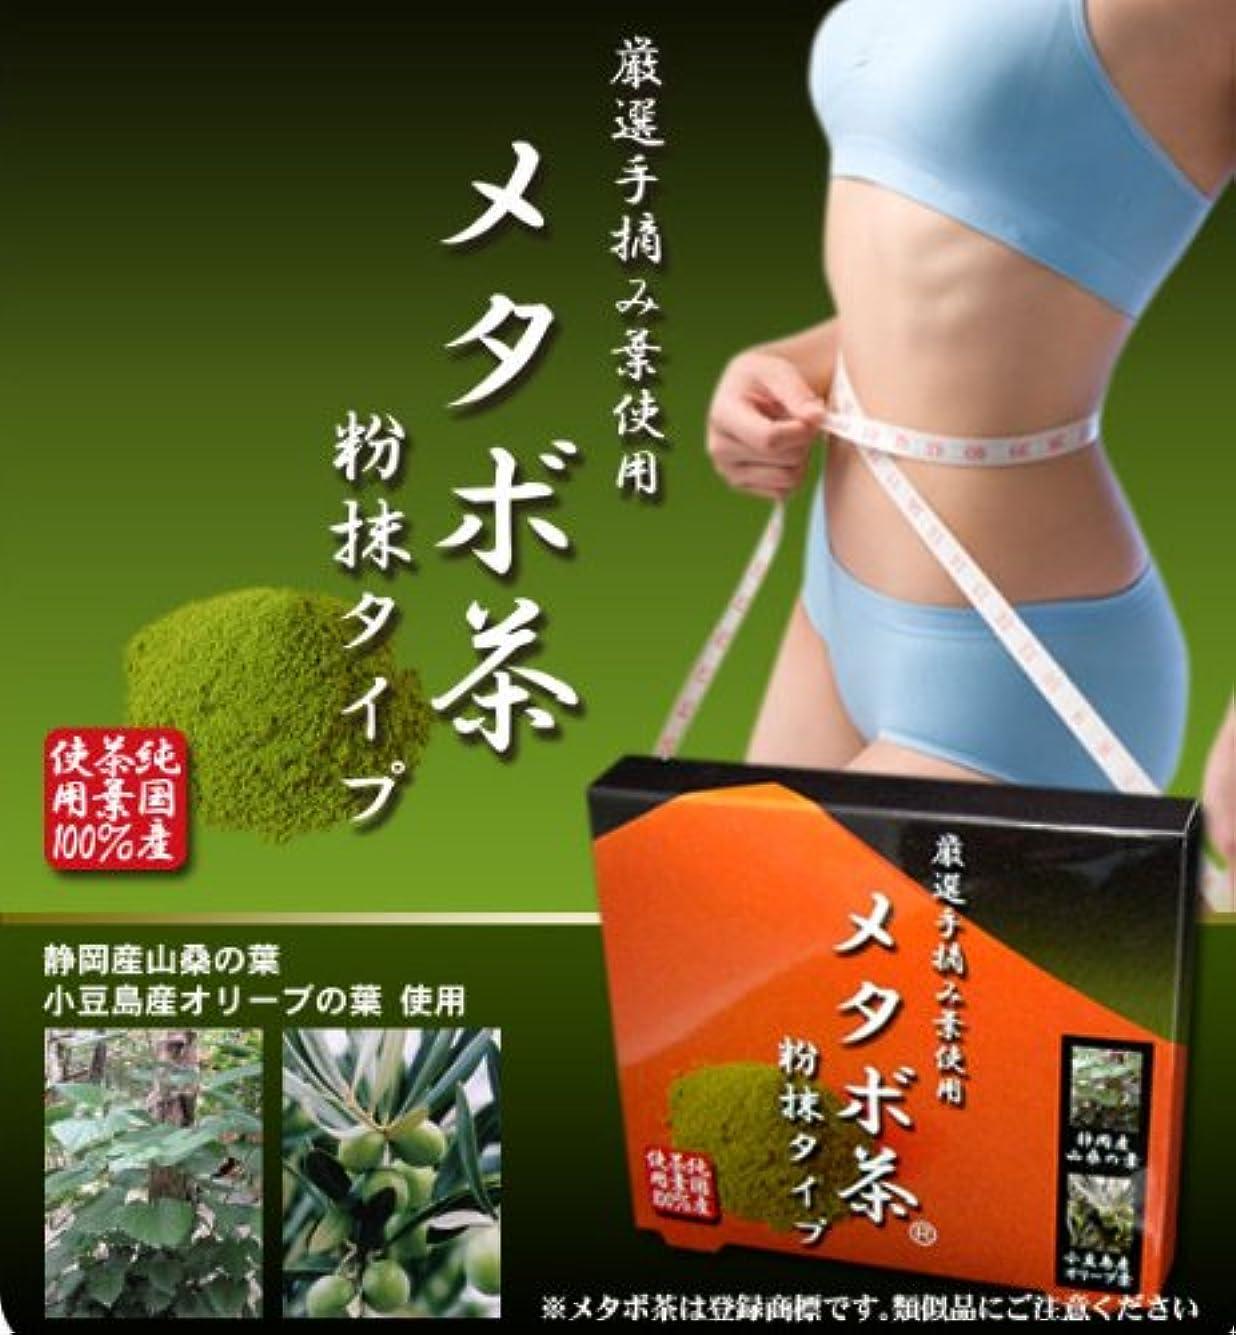 回路記憶改革メタボ茶粉抹タイプ 2個セット(完全無農薬 純国産茶葉100%使用ダイエット茶)